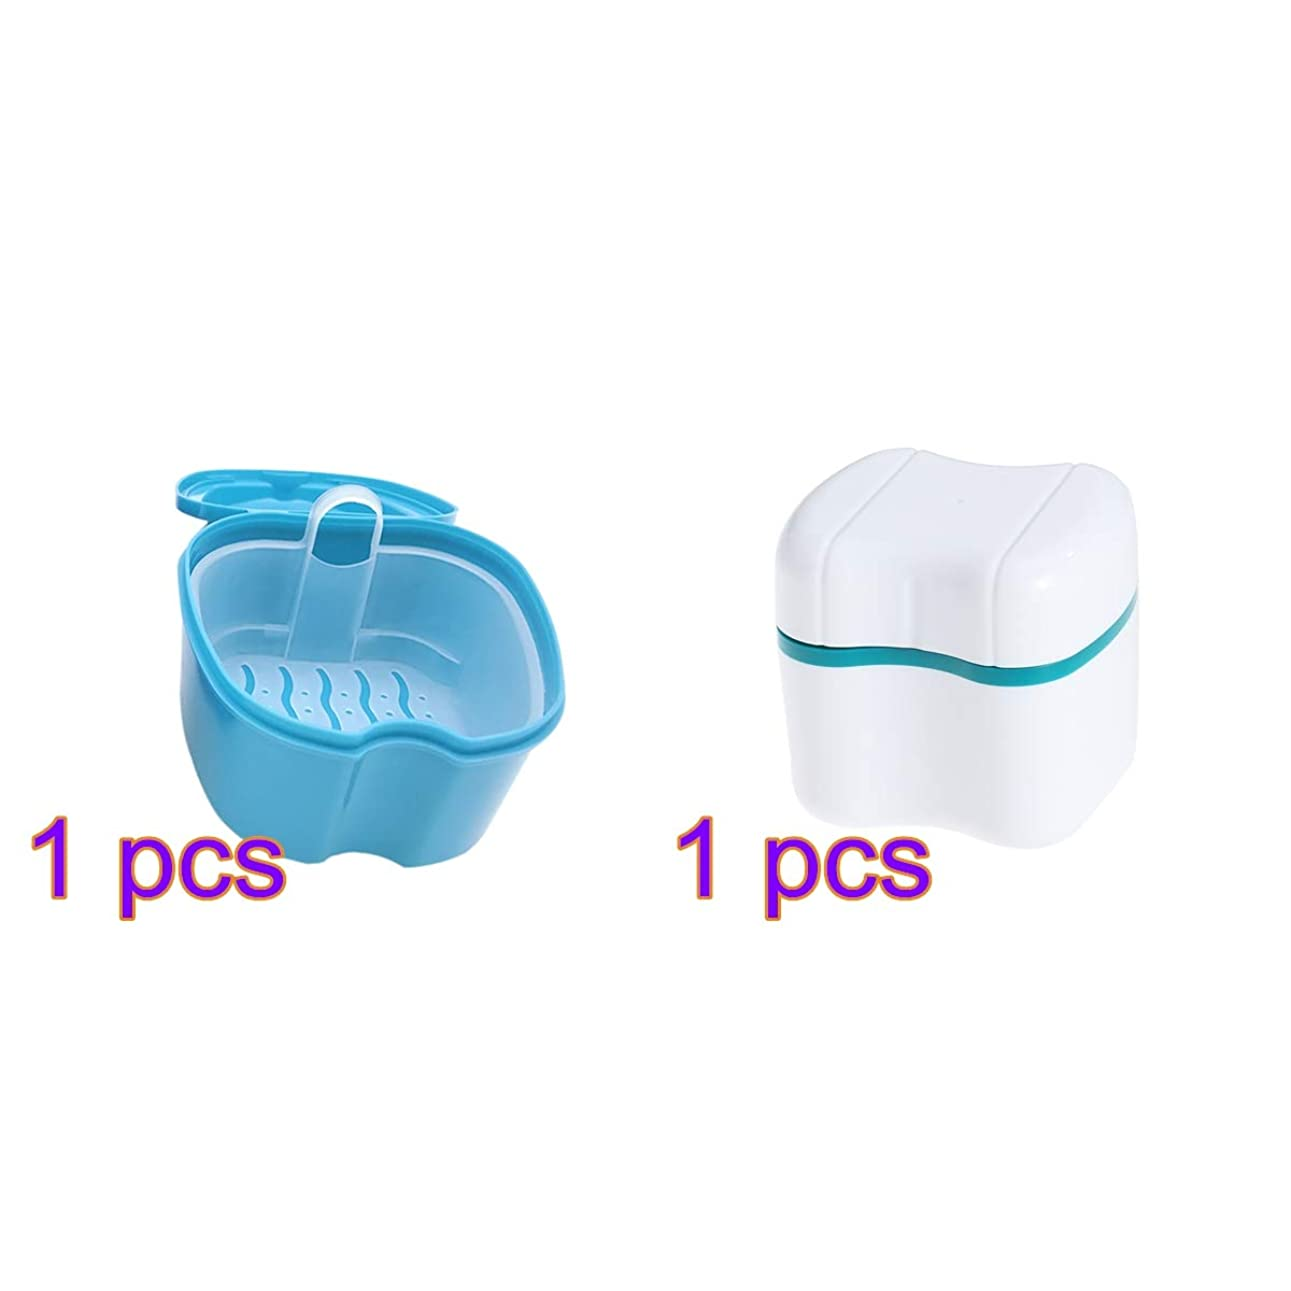 ボランティア調整単調なHealifty 義歯ボックスケース義歯バスボックスケース歯科偽歯収納ボックス2本